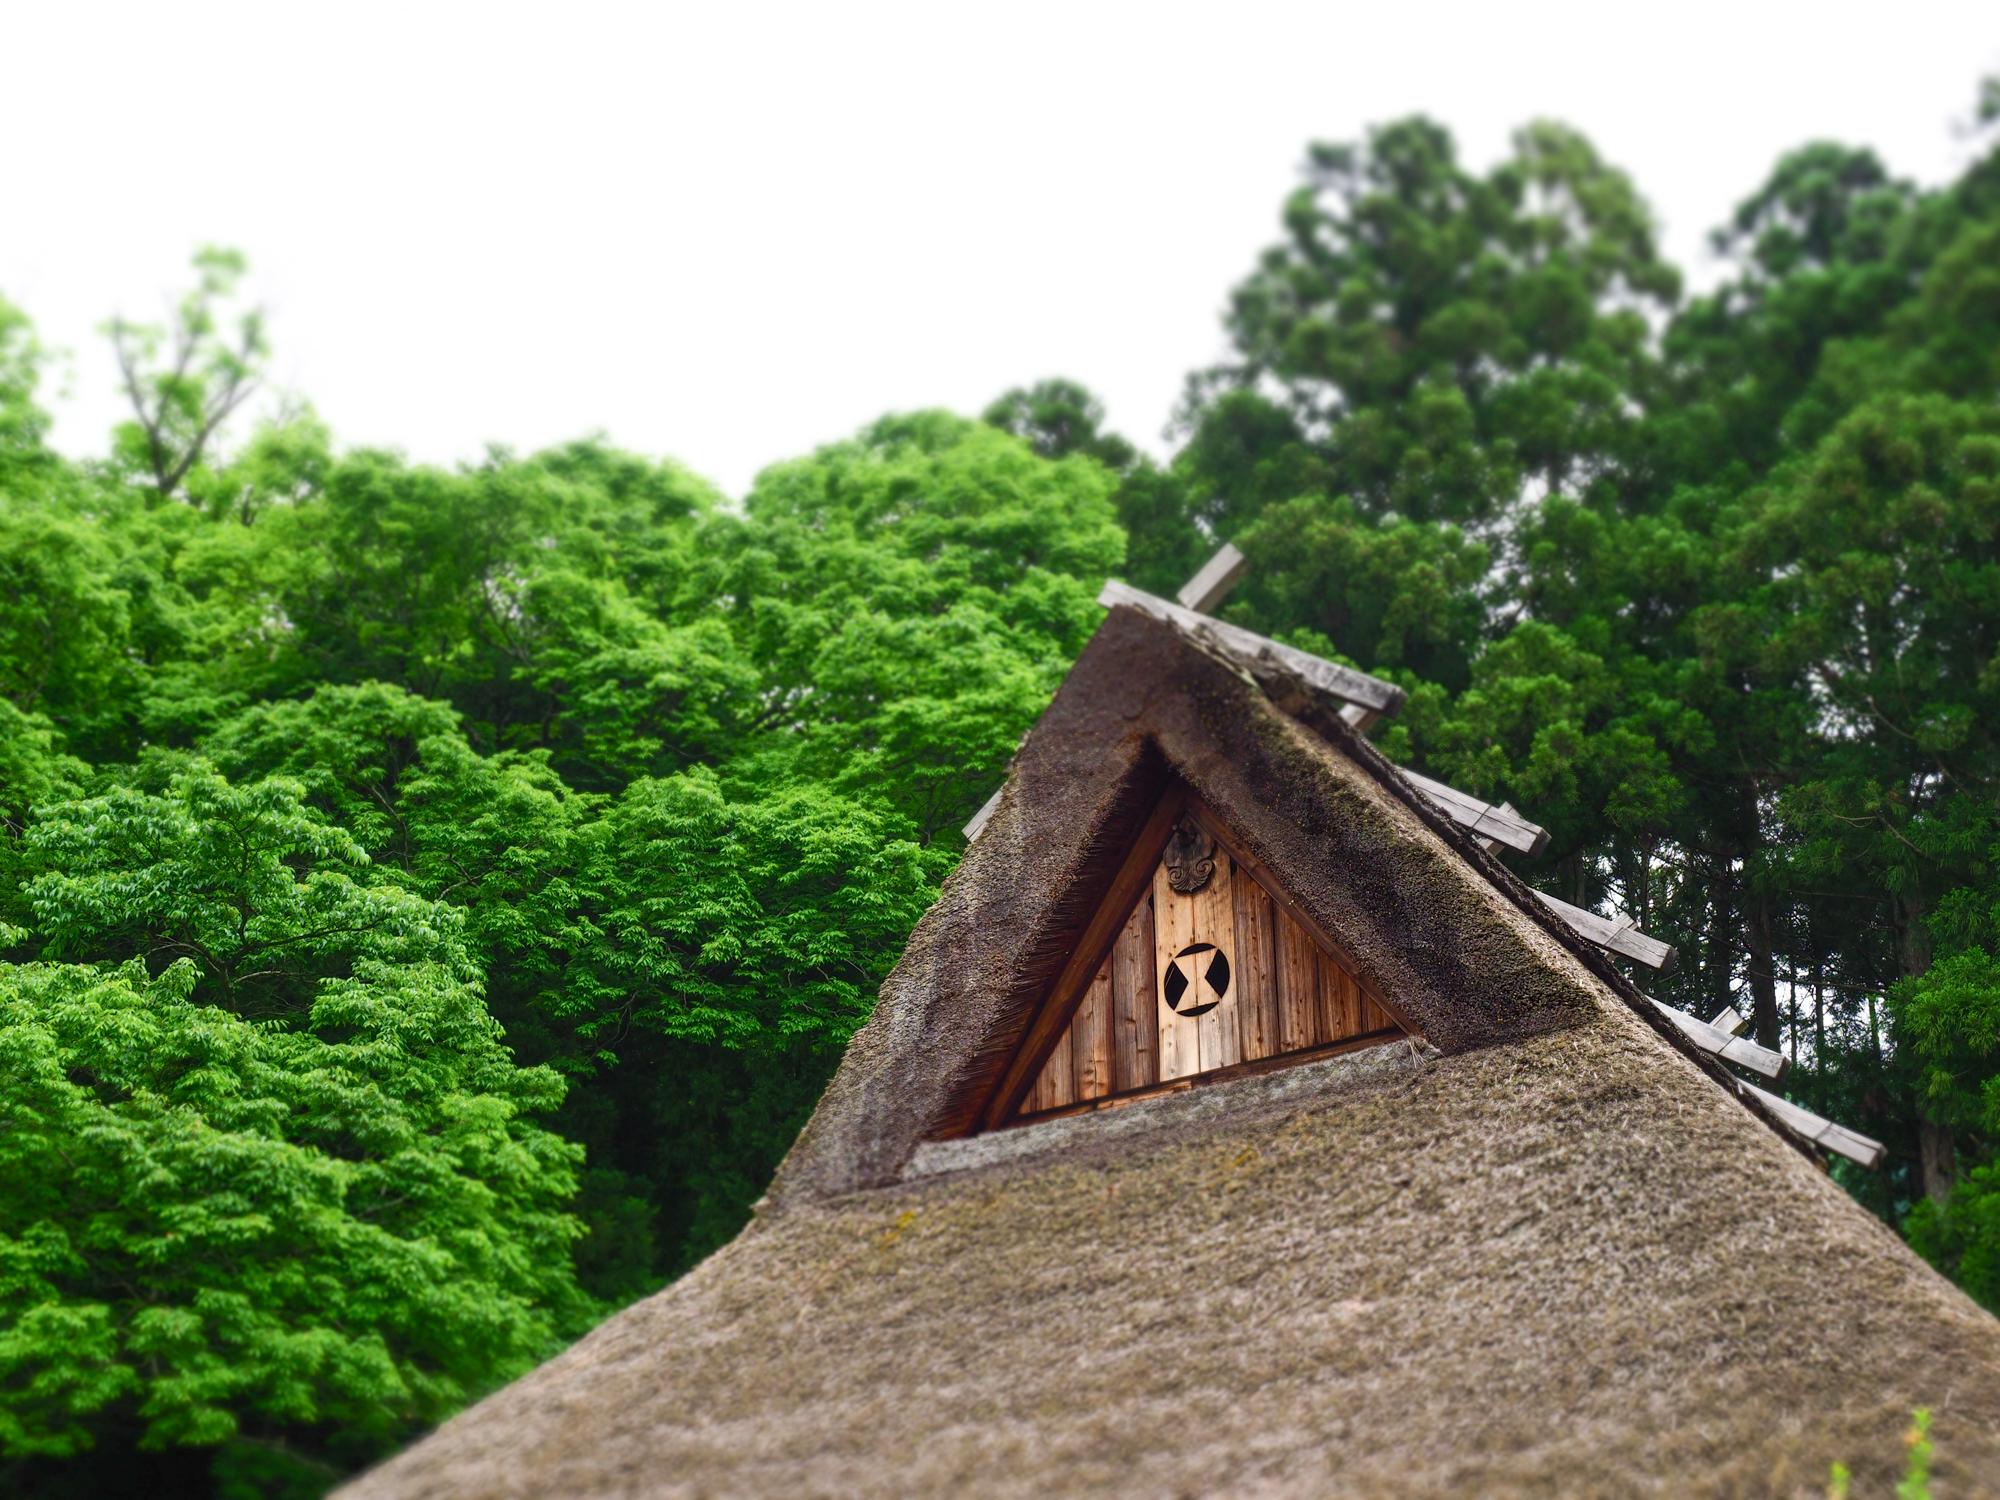 可以感覺到古代的茅草屋民家